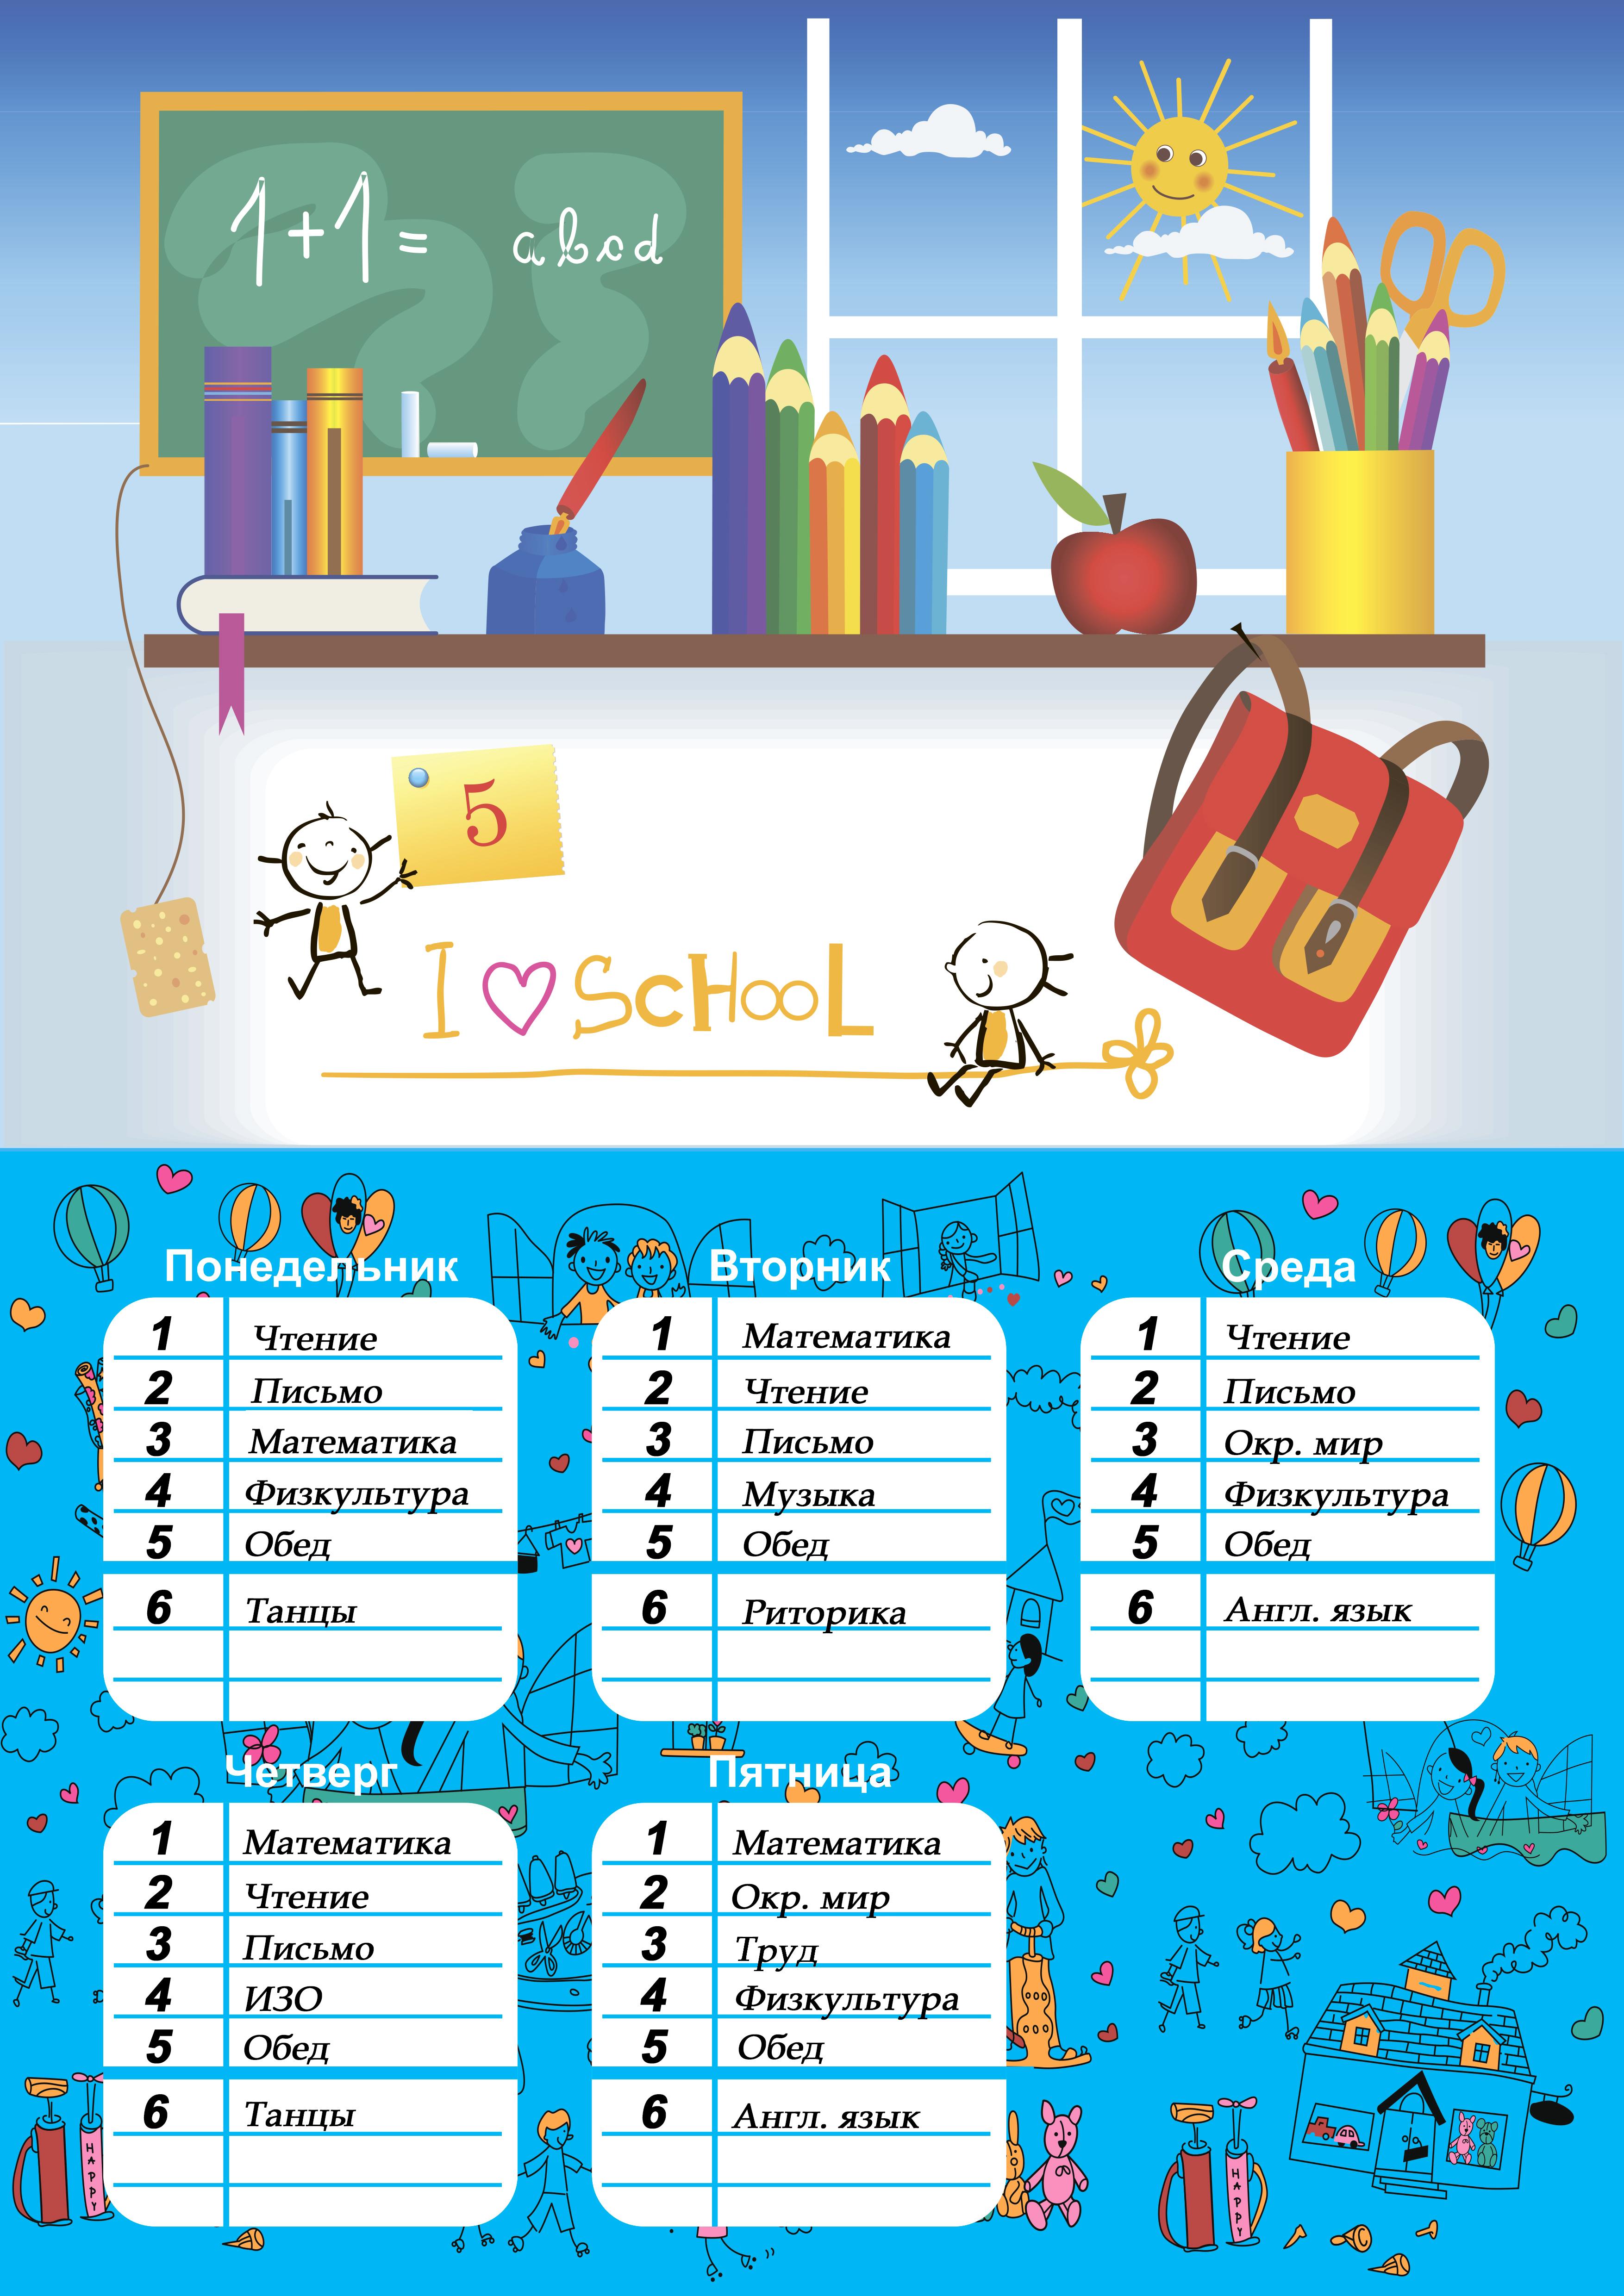 Расписание уроков для школьников , очень хорошо подойдёт для оформления png 418 mb rar